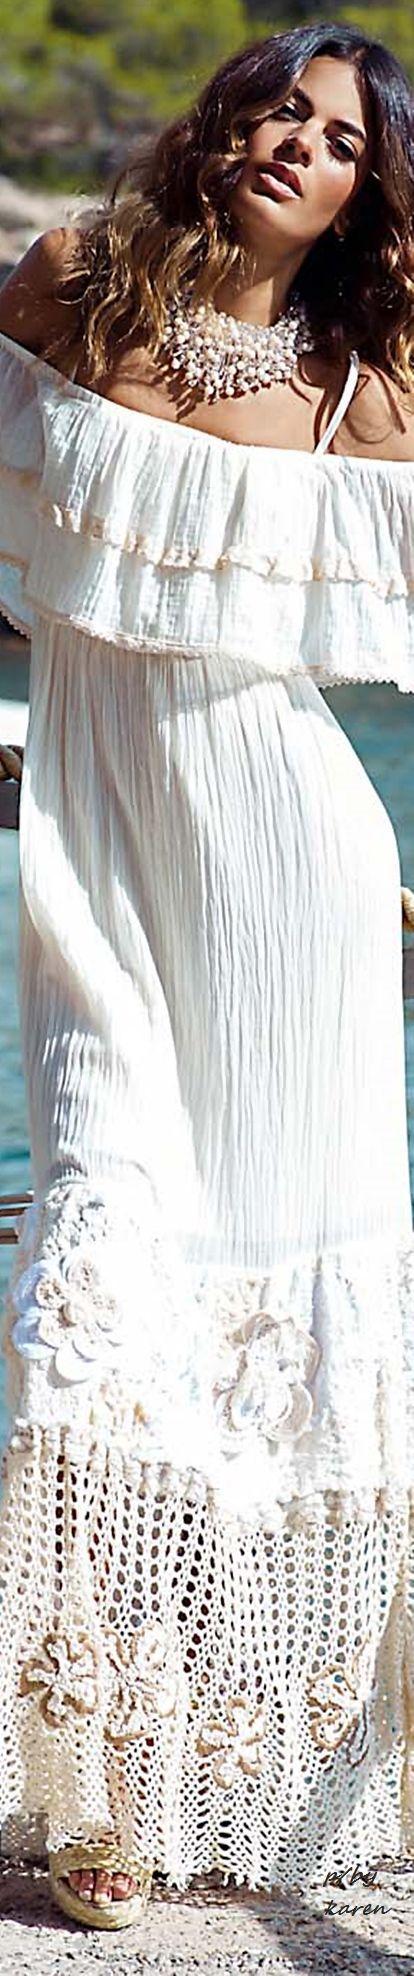 @roressclothes clothing ideas #women fashion white maxi dress Boho Style